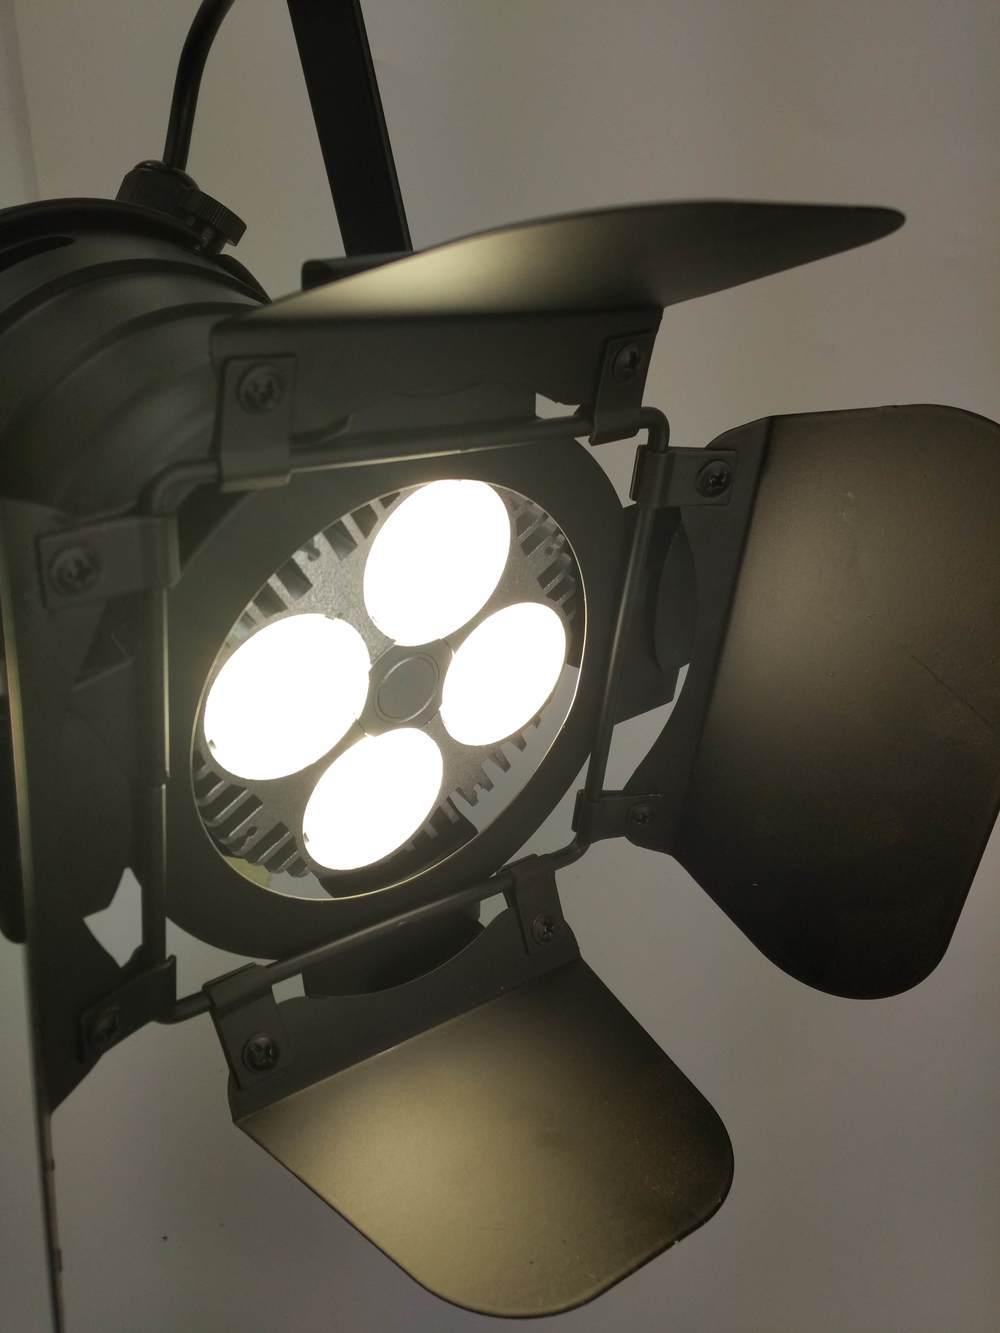 Wunderbar Leuchte 3 Drähte Fotos - Elektrische Schaltplan-Ideen ...